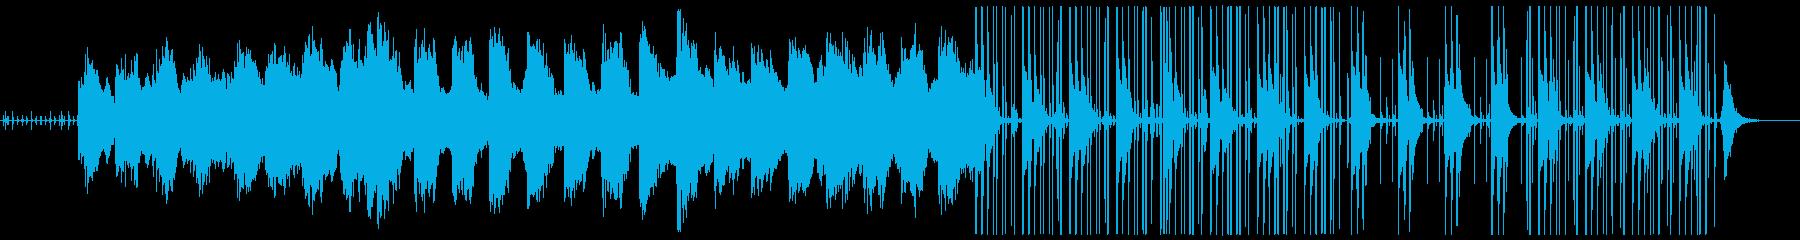 Falconara Marittimaの再生済みの波形